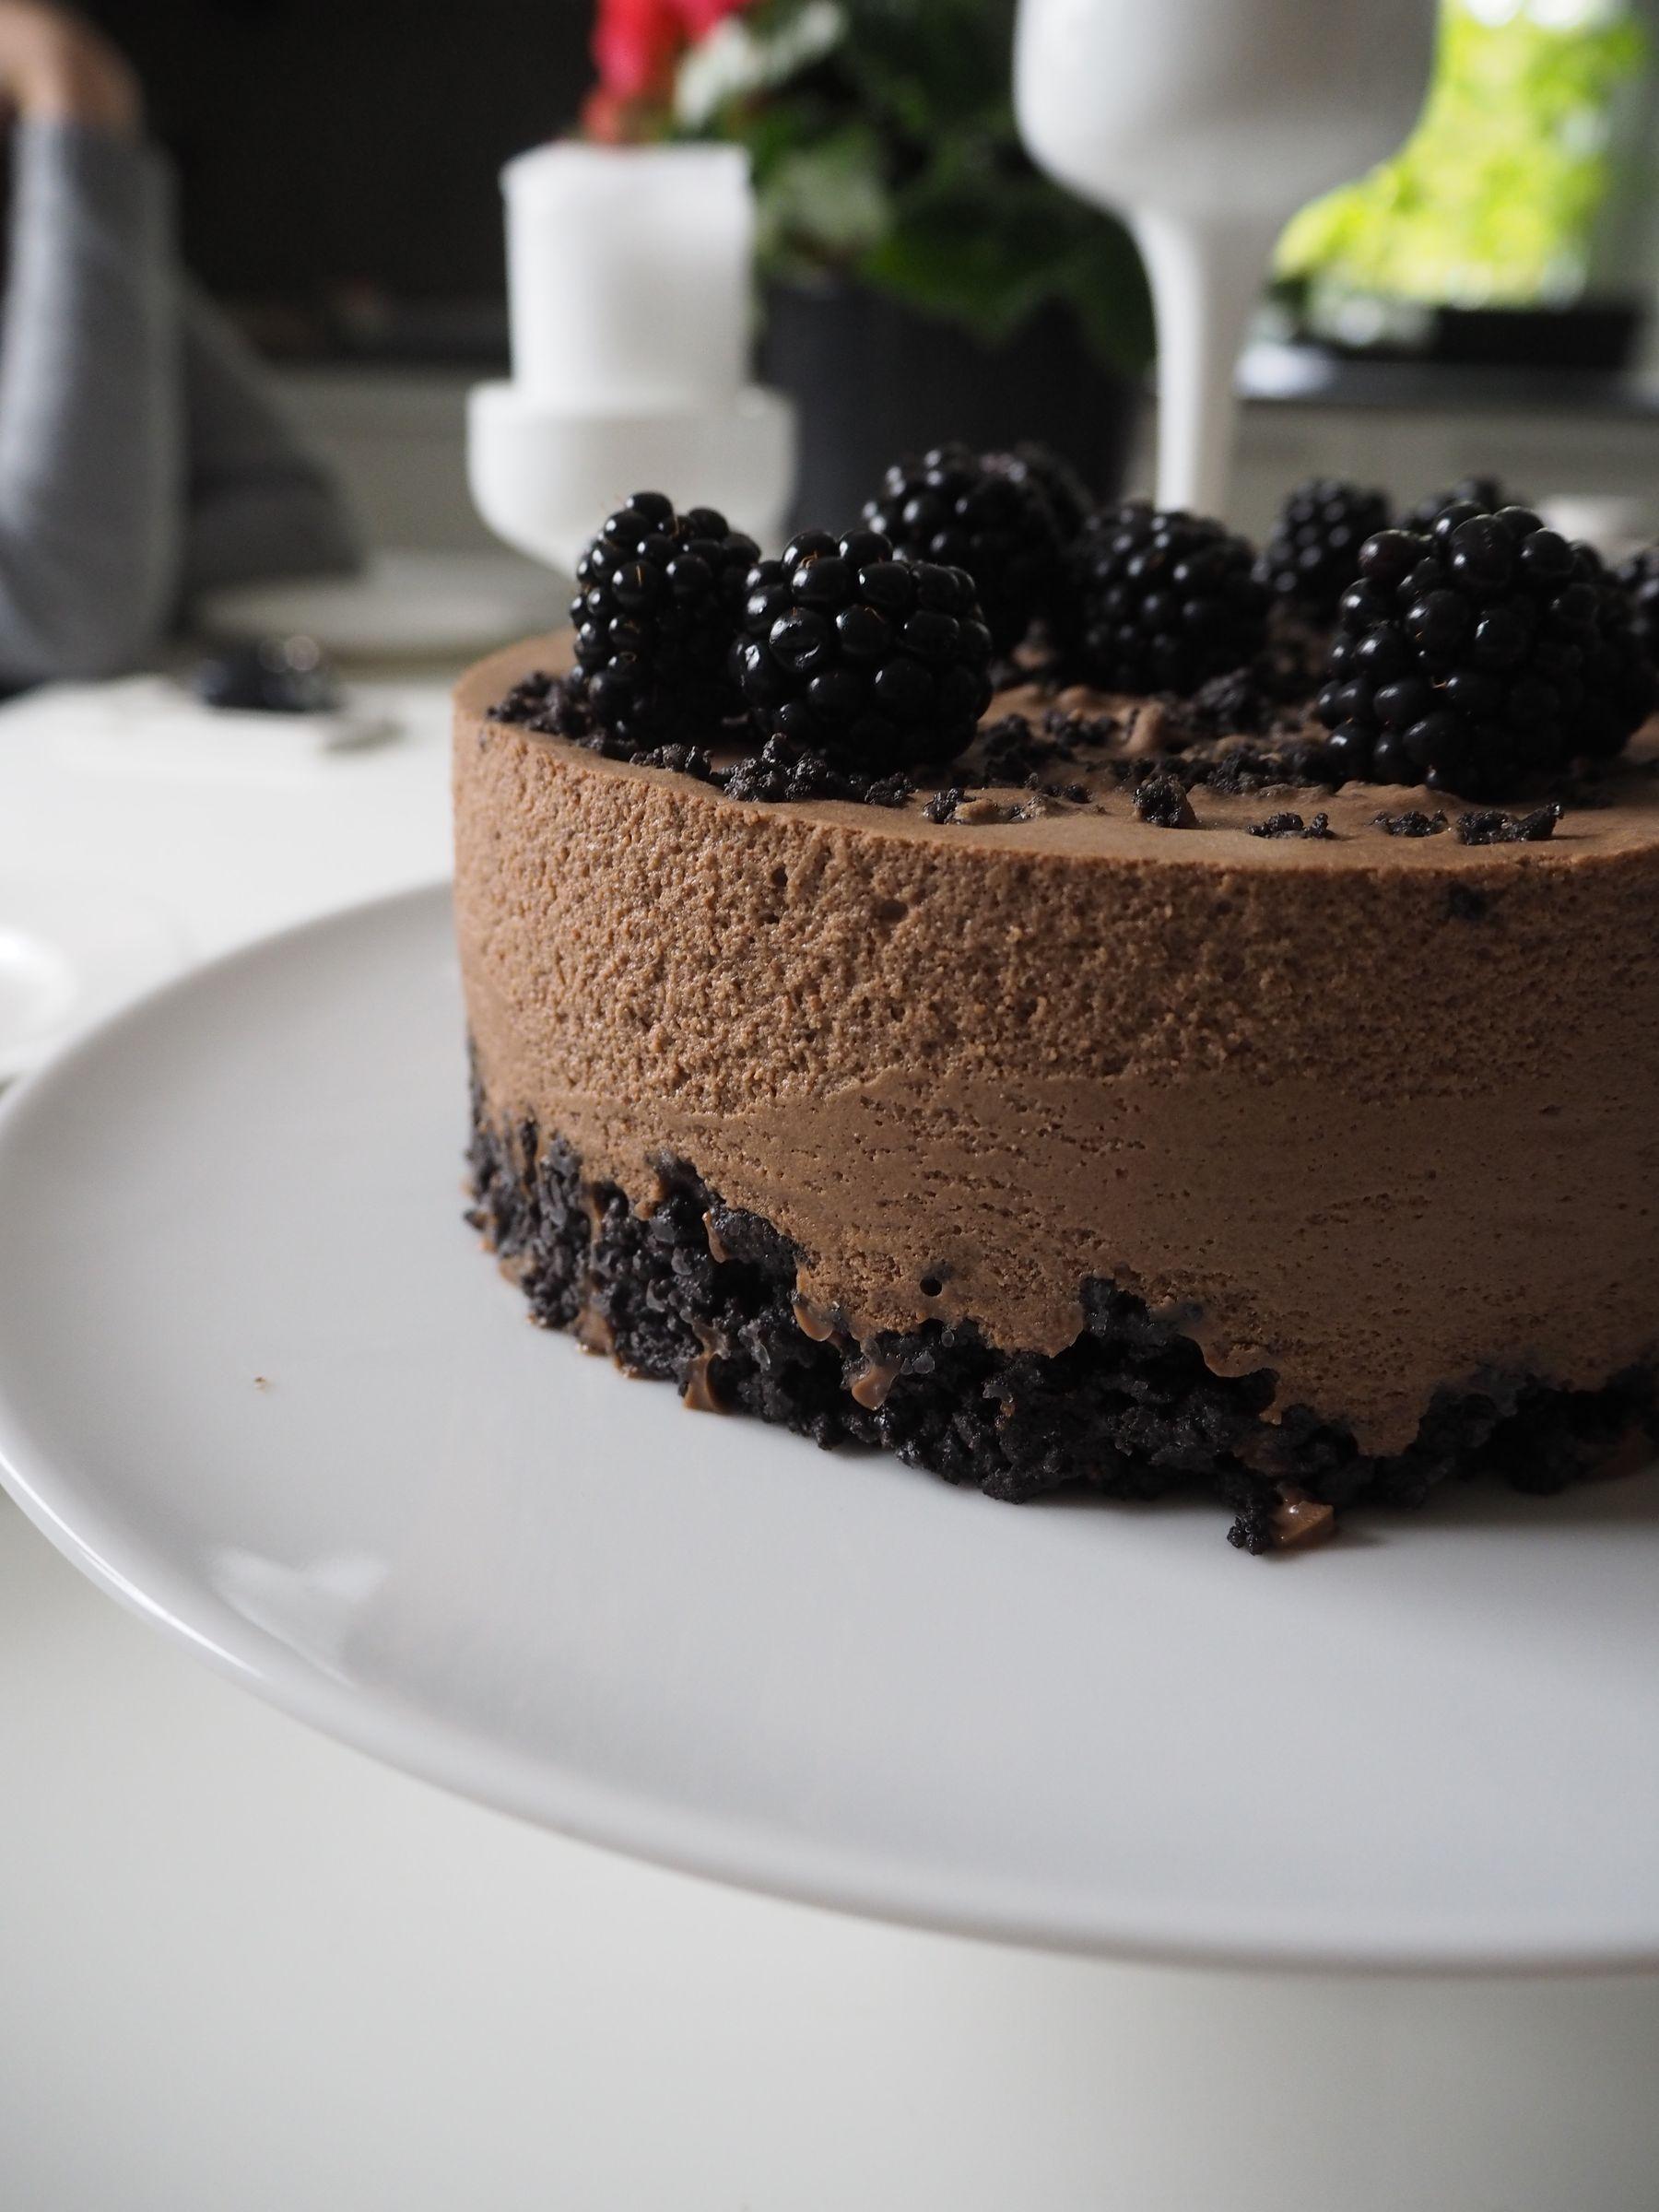 Kahvin kanssa on kiva aina leipoa jotain. Tämä kakku päätyi pöytään, kun ihanat työystäväni tulivat...